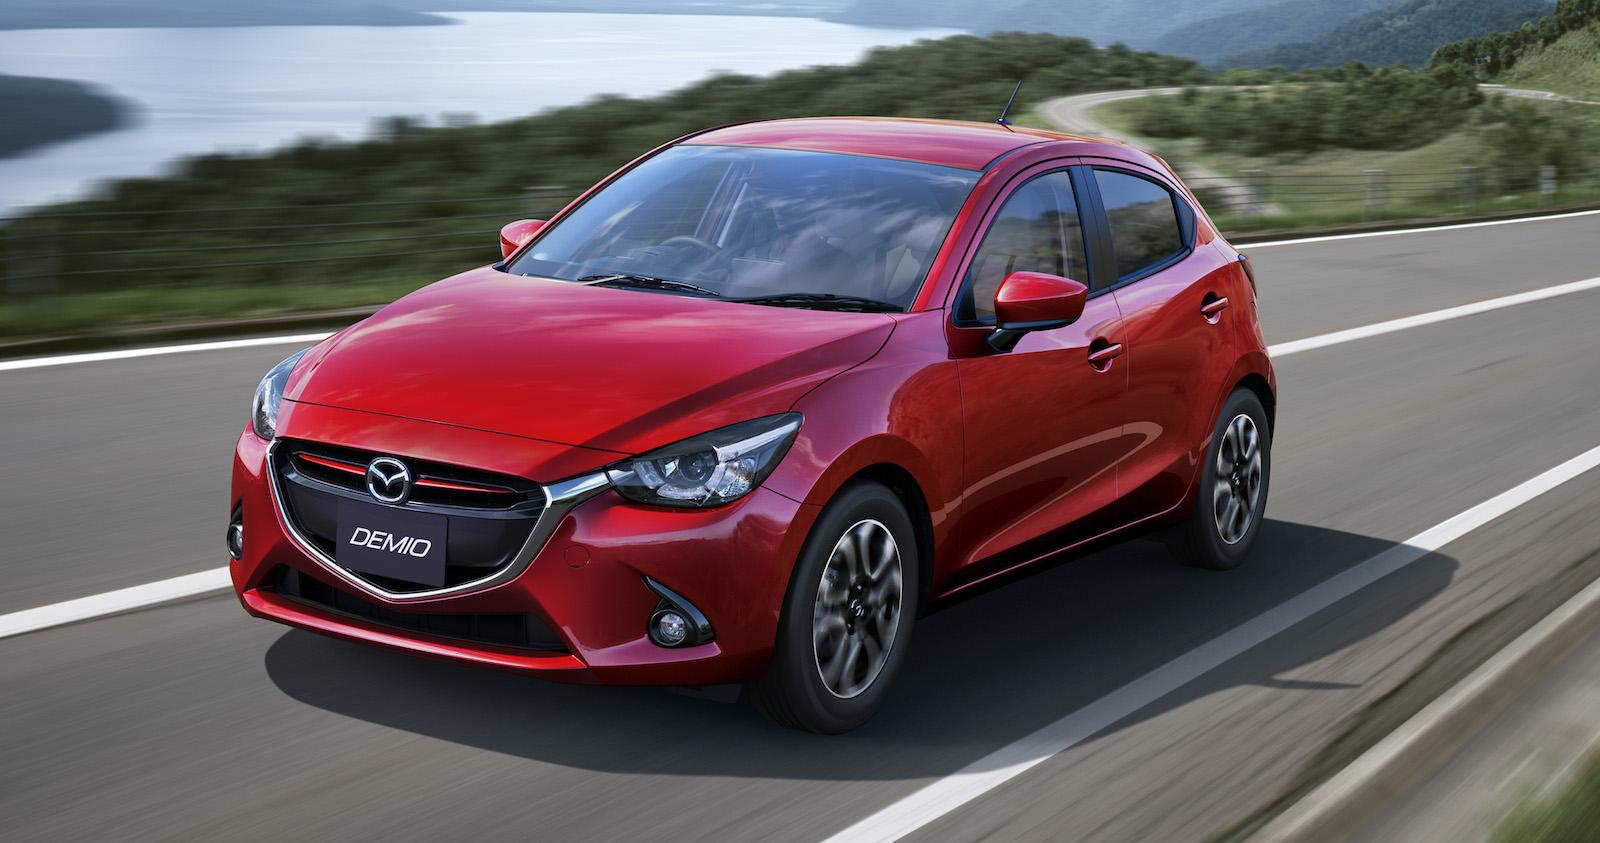 Kelebihan Kekurangan Mazda 2 2015 Harga